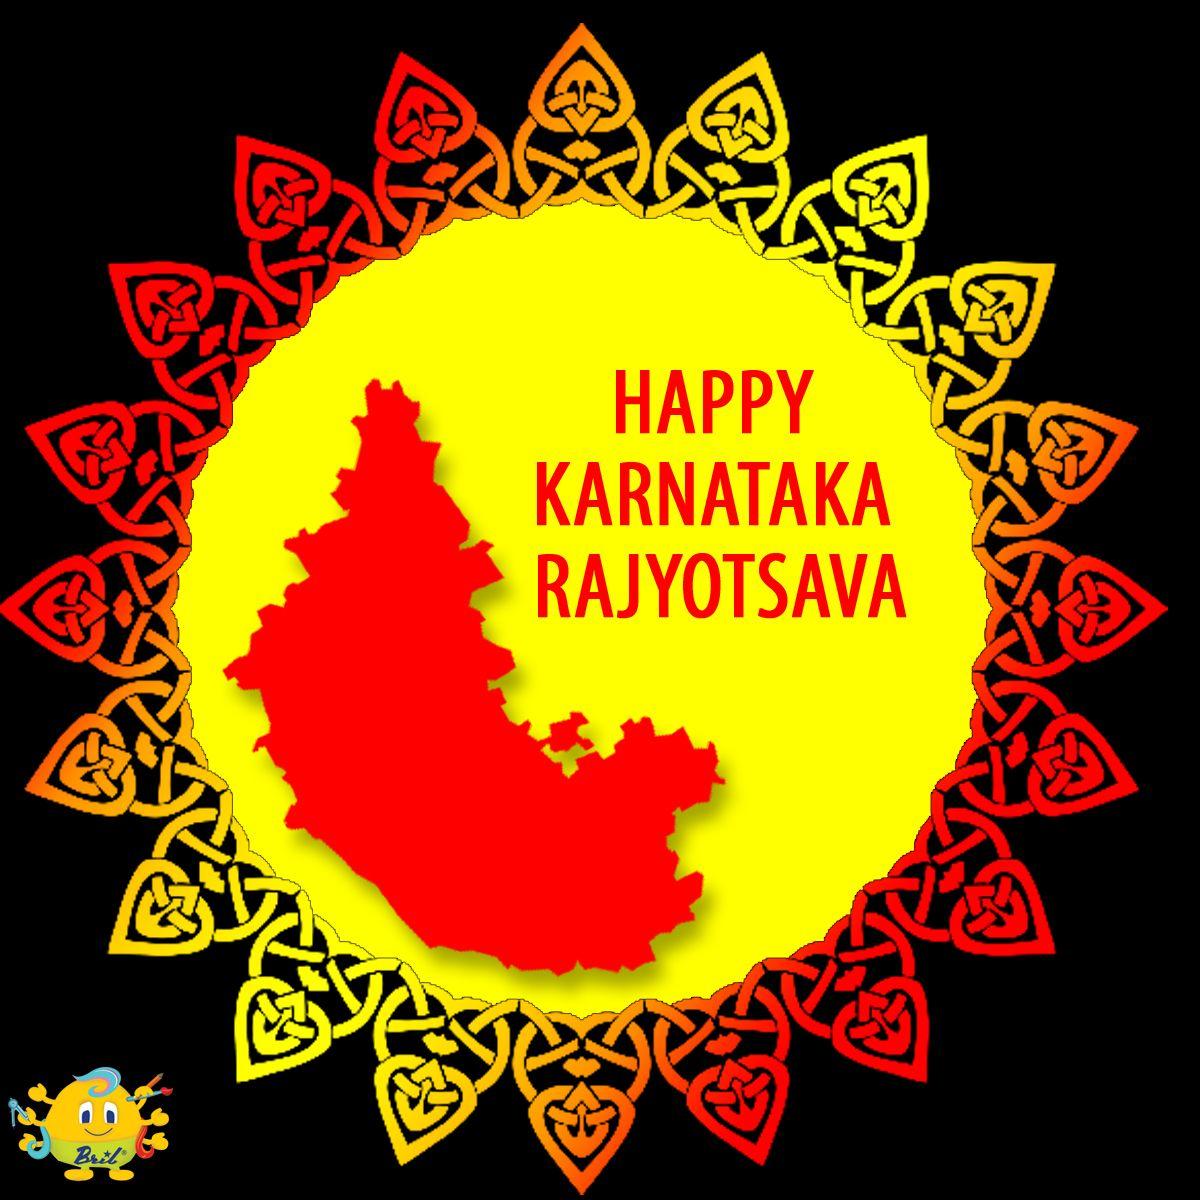 Happy Karnataka Rajyotsava Day! Stationery, Happy, Children